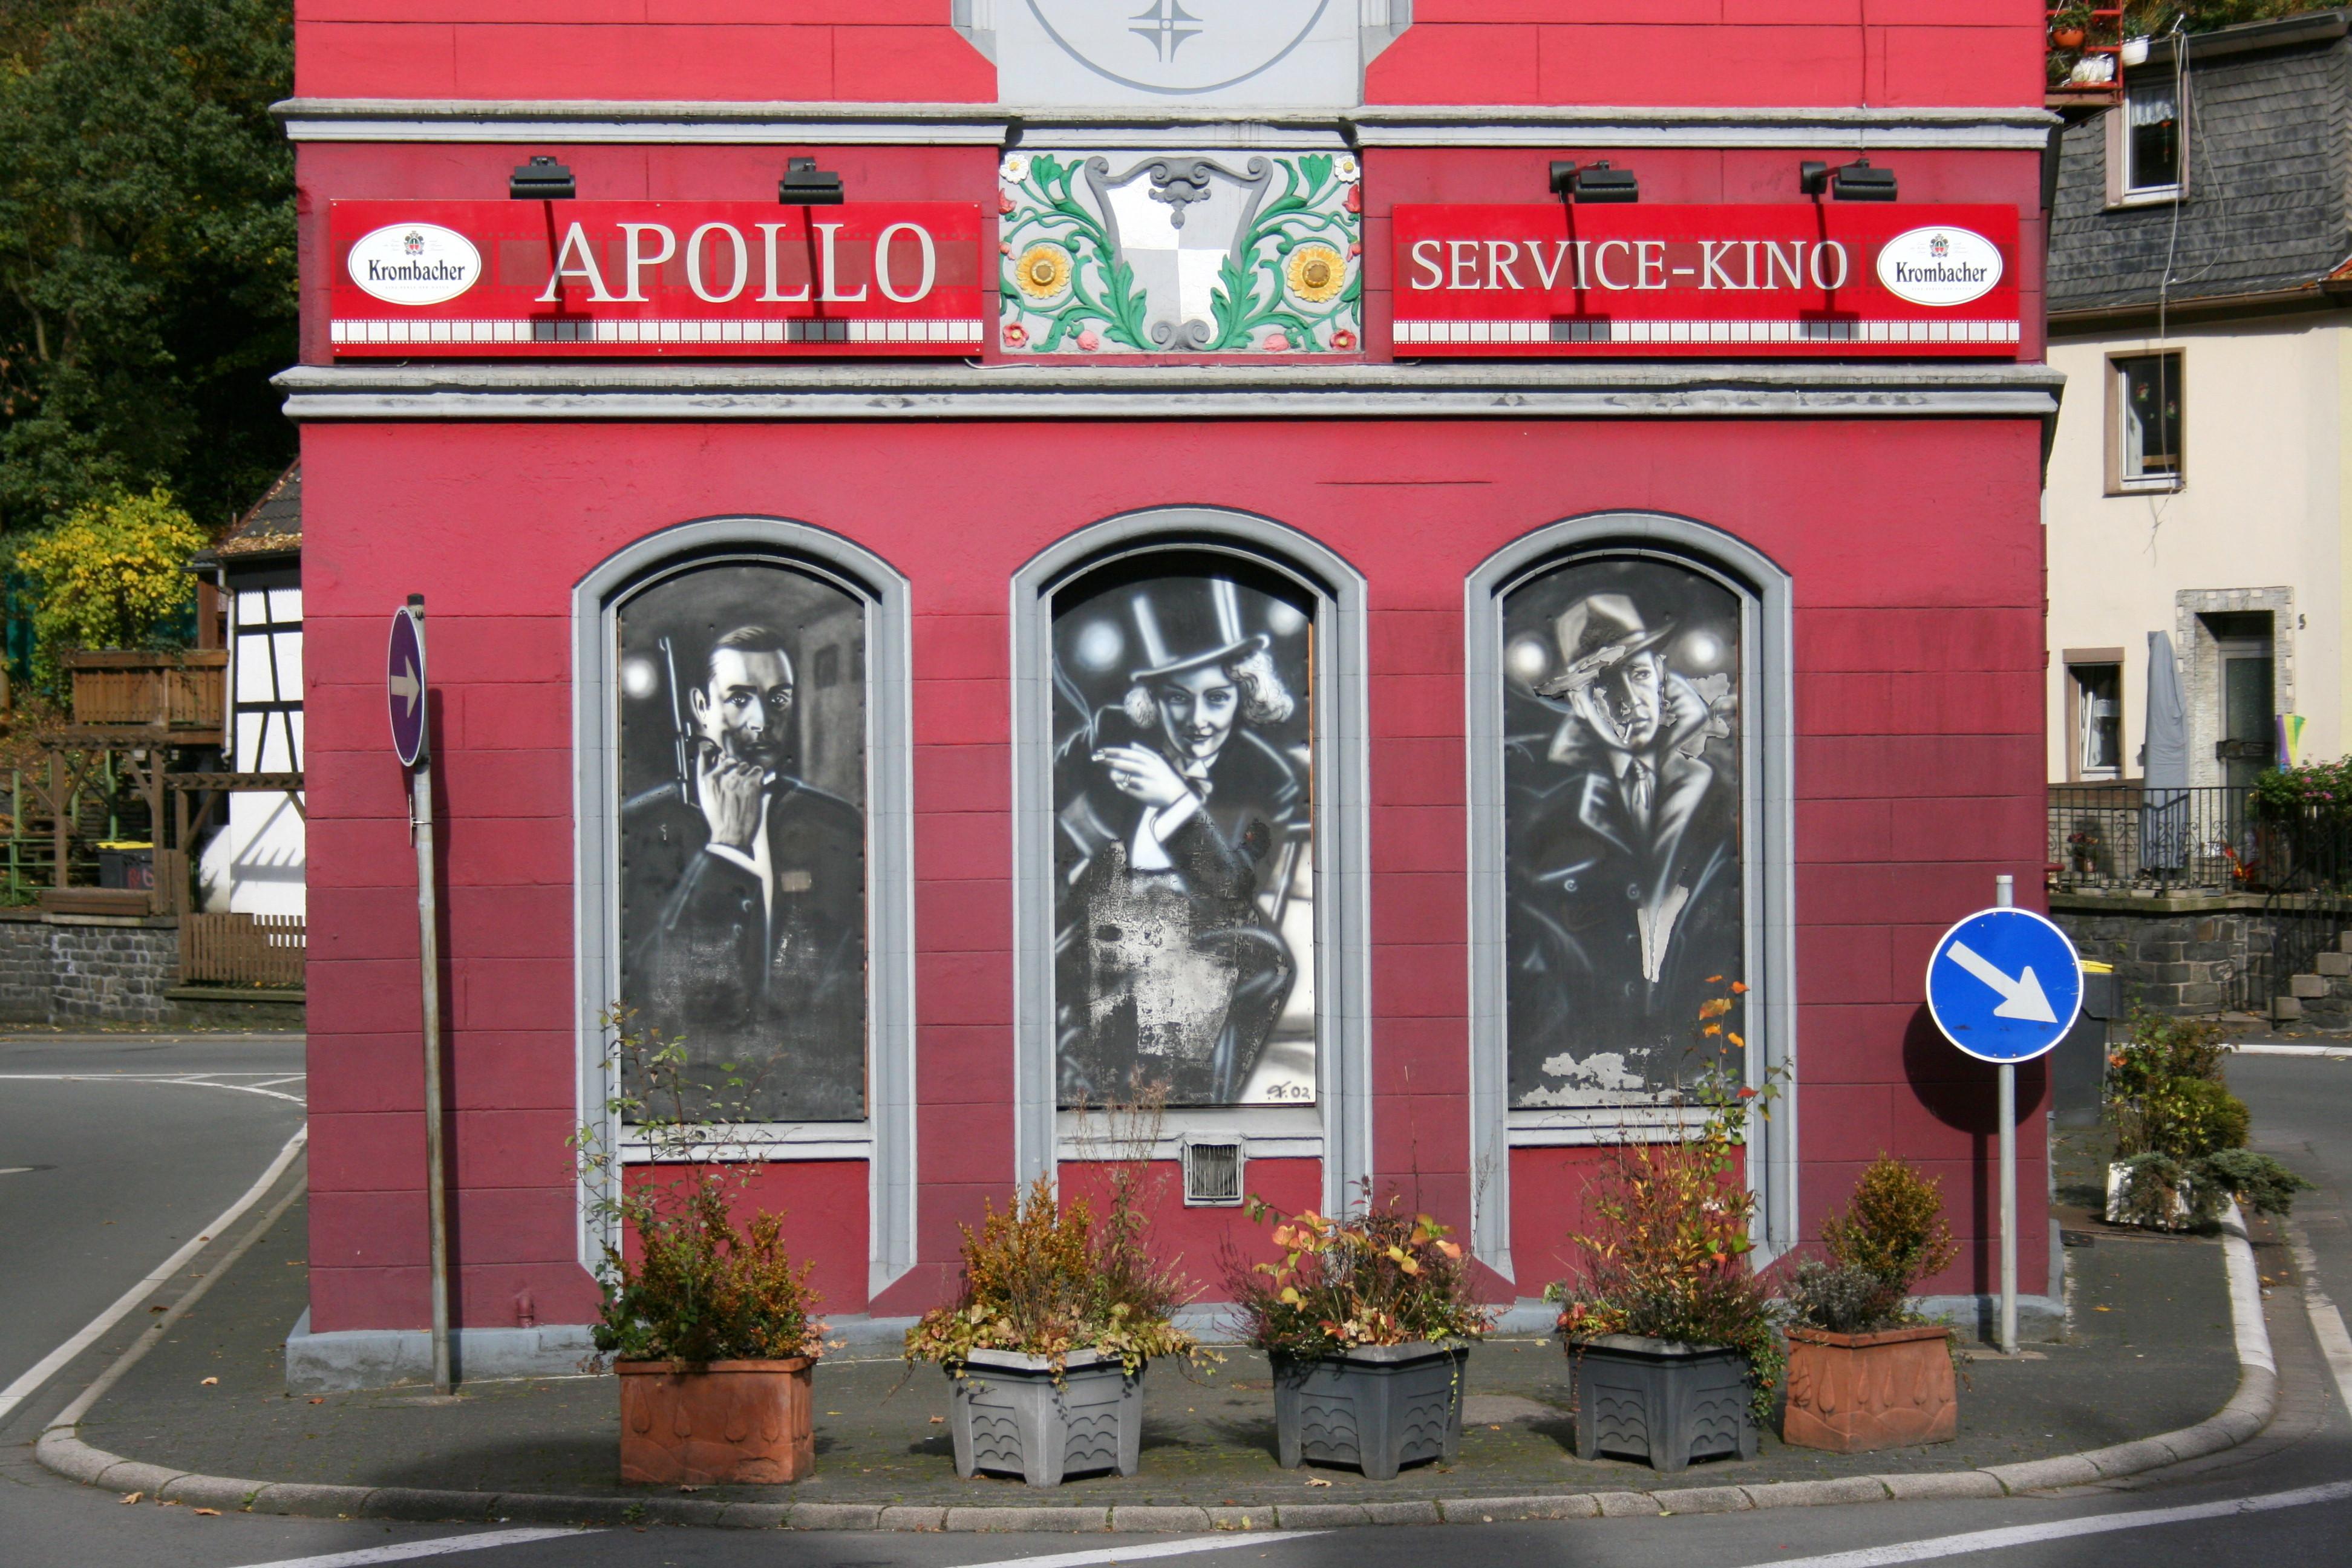 Apollo Altena